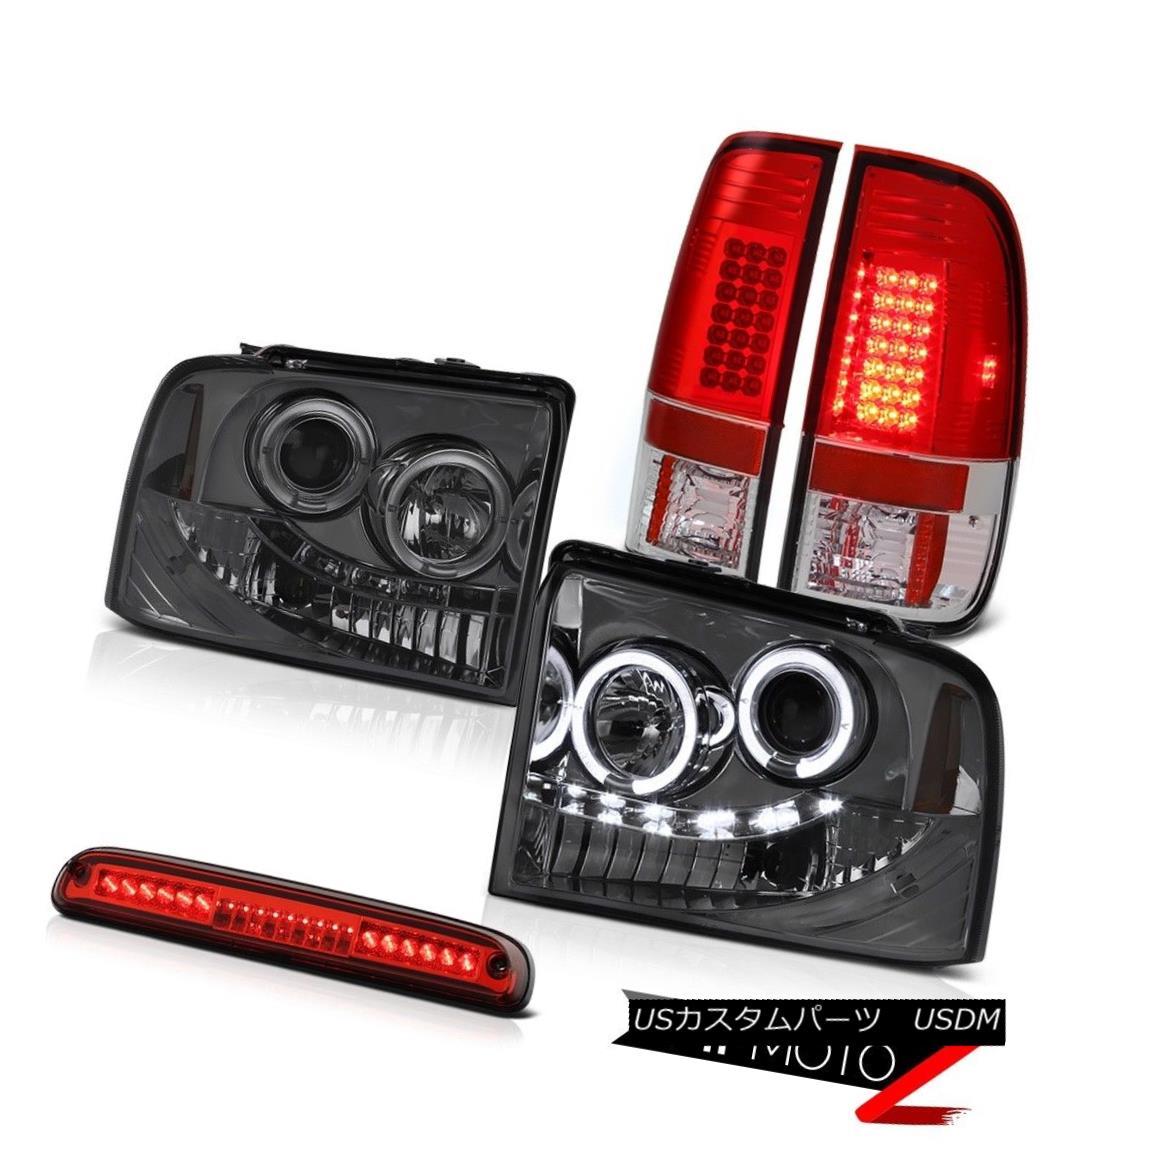 テールライト 2005-2007 Ford F250 XLT Smoke Halo Headlights Red LED Tail Lights Roof High Stop 2005-2007フォードF250 XLTスモークハローヘッドライトレッドLEDテールライトルーフハイストップ